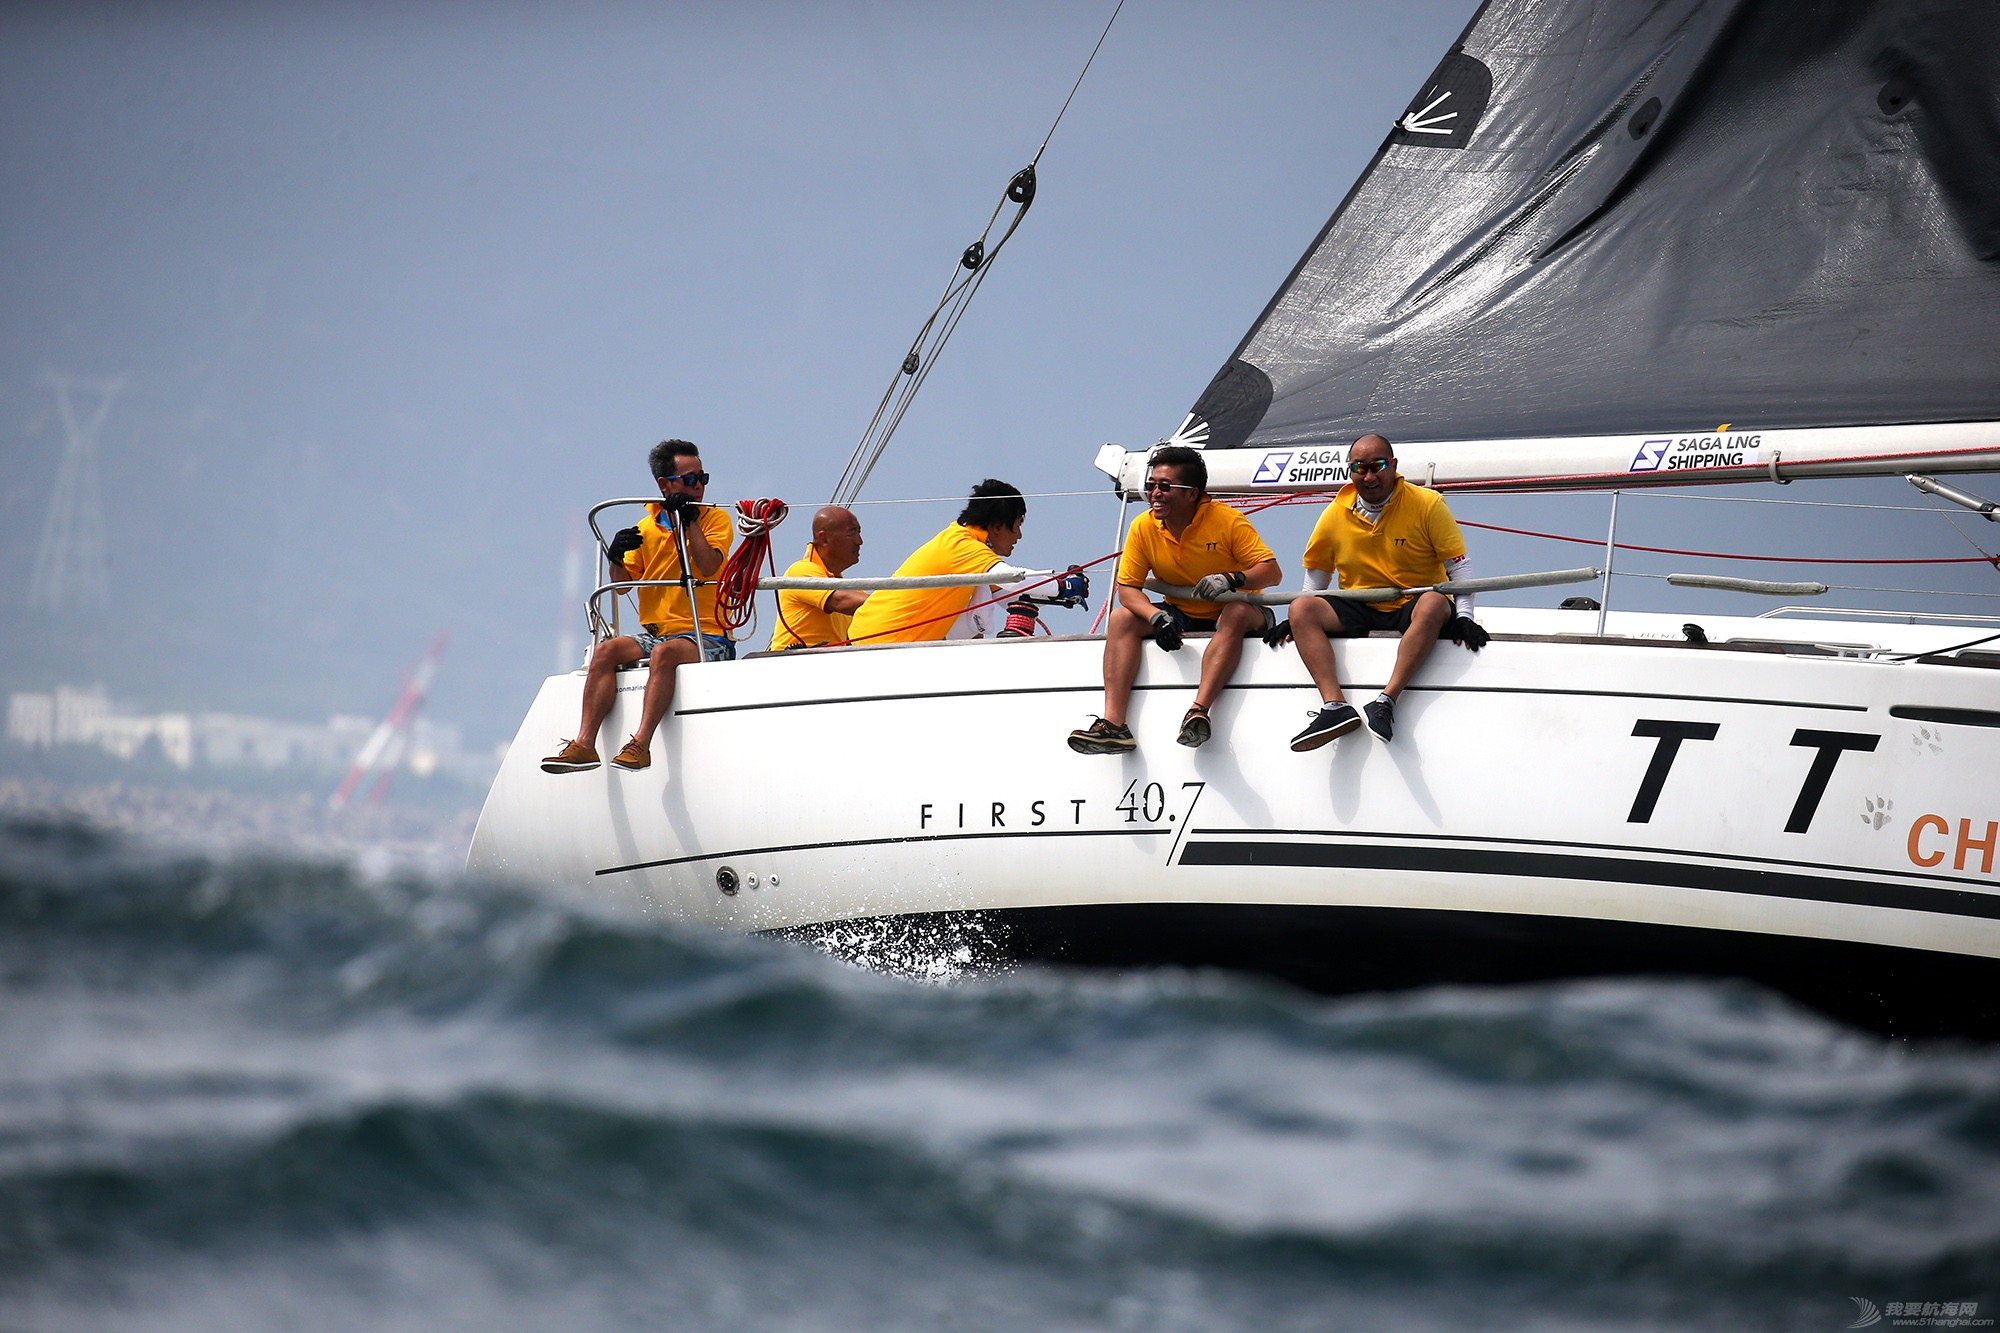 中国 中国杯帆船赛第三日——无风不起浪,雨中见刀枪 E78W7372.JPG